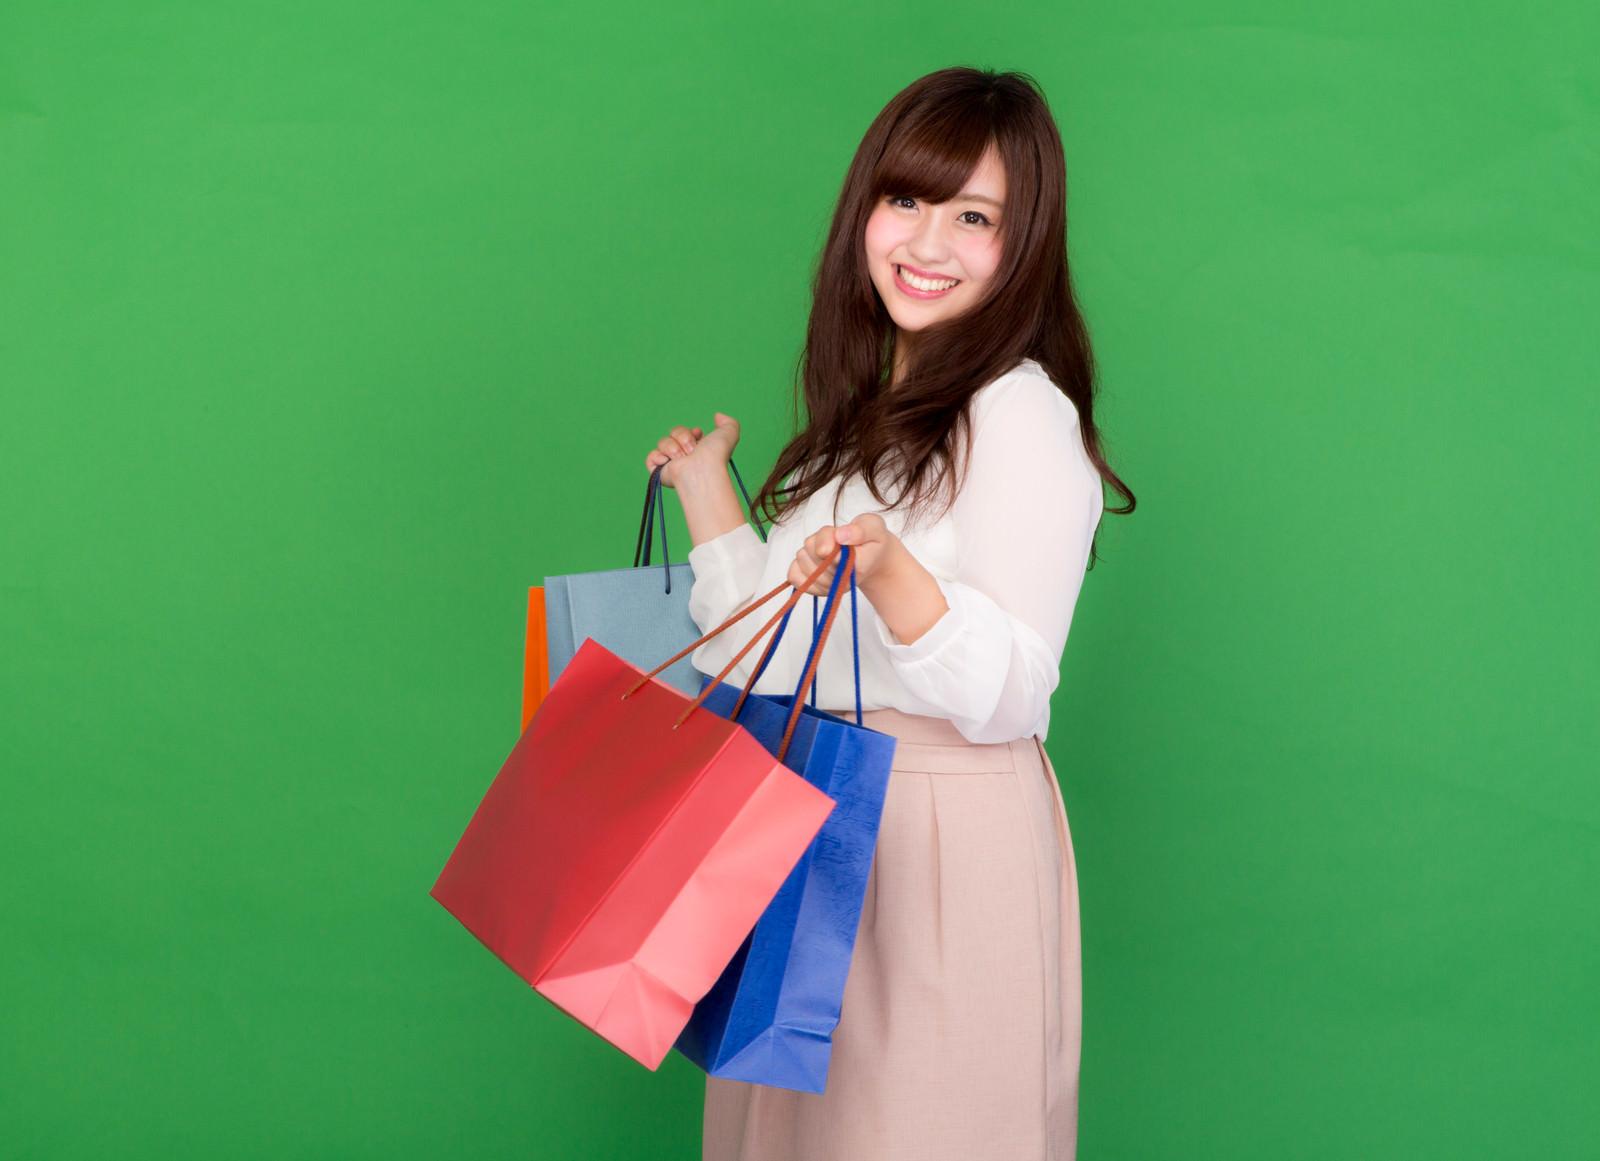 「ブラックフライデーのセールで大量に買い物をする女性ブラックフライデーのセールで大量に買い物をする女性」[モデル:河村友歌]のフリー写真素材を拡大